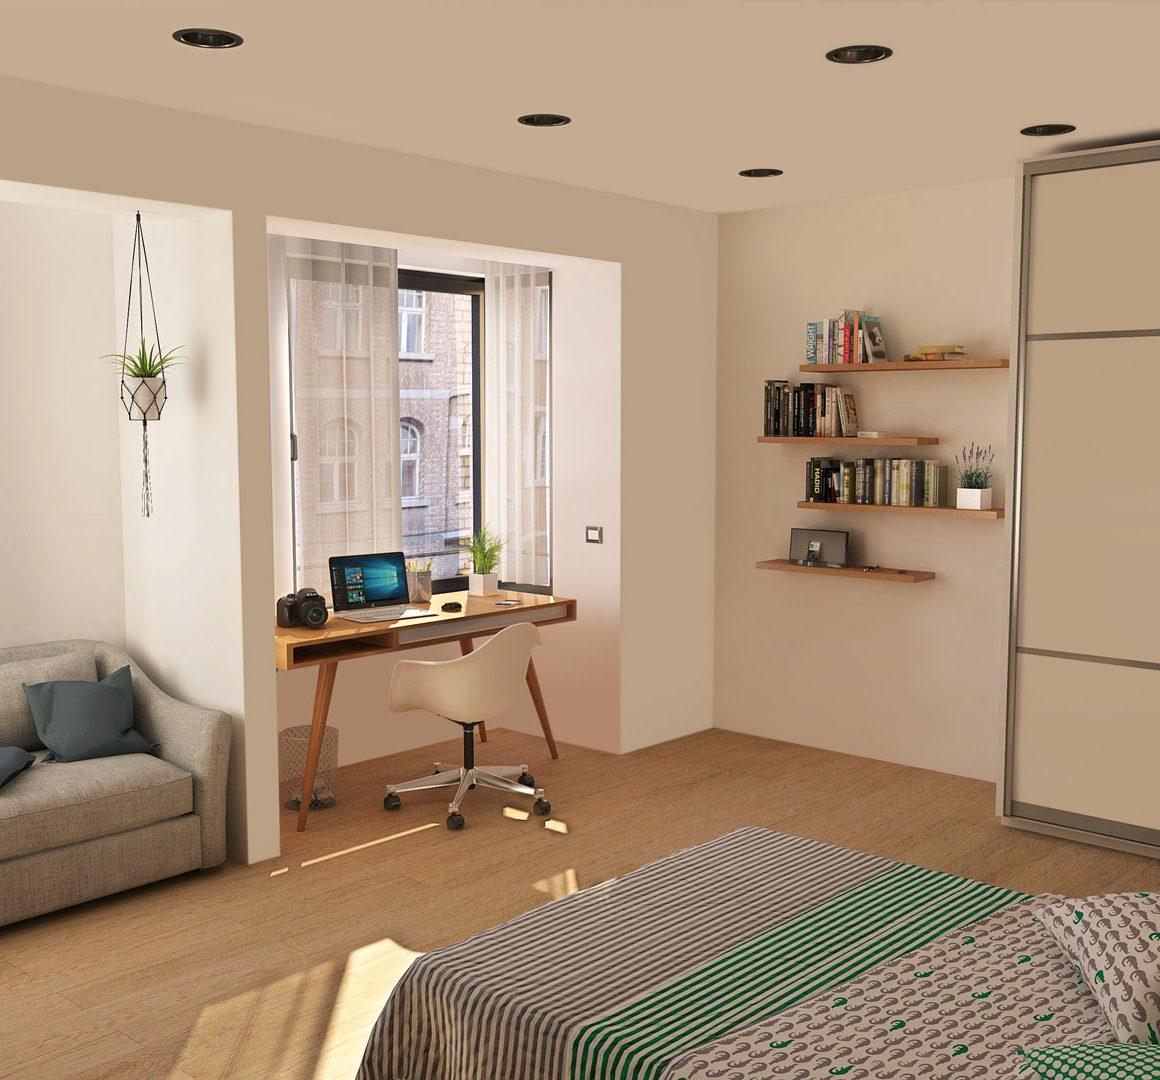 syus-residentie-lambertus-interieur3-leuven